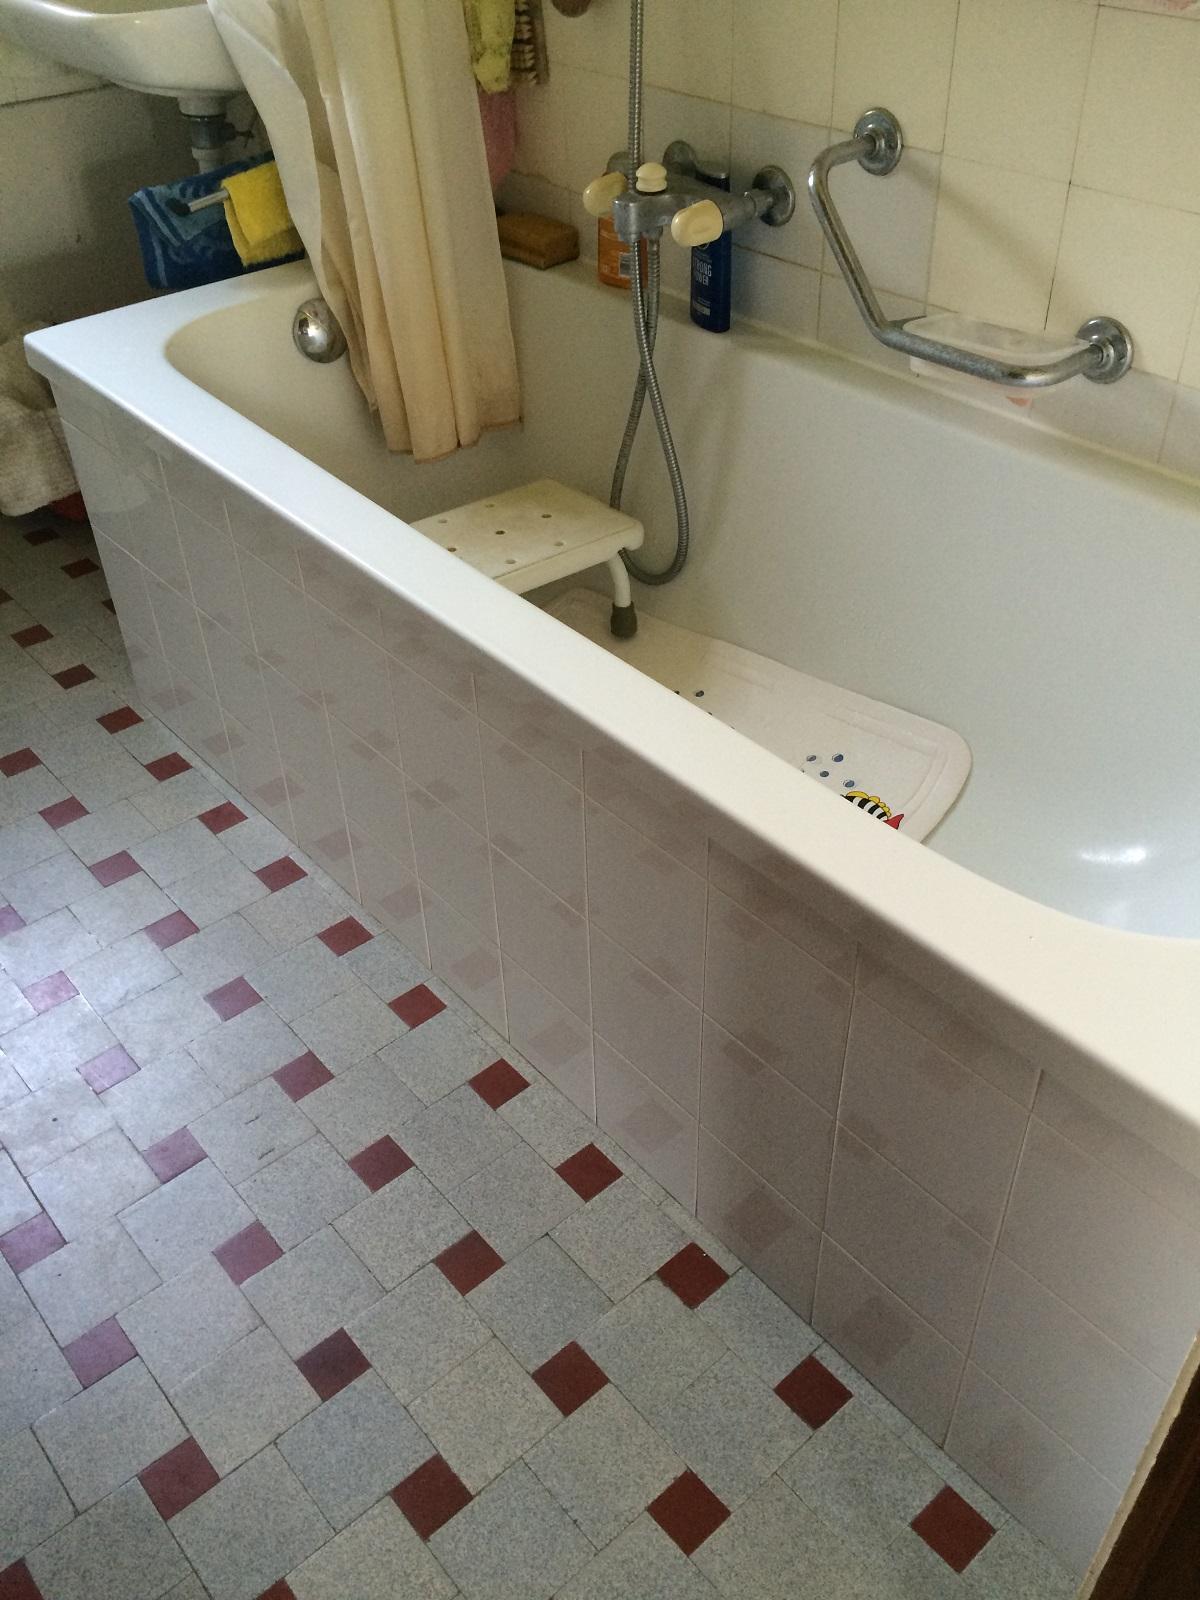 Baignoire avec porte d 39 acc s transformer une baignoire en douche - Comment transformer une baignoire en douche ...